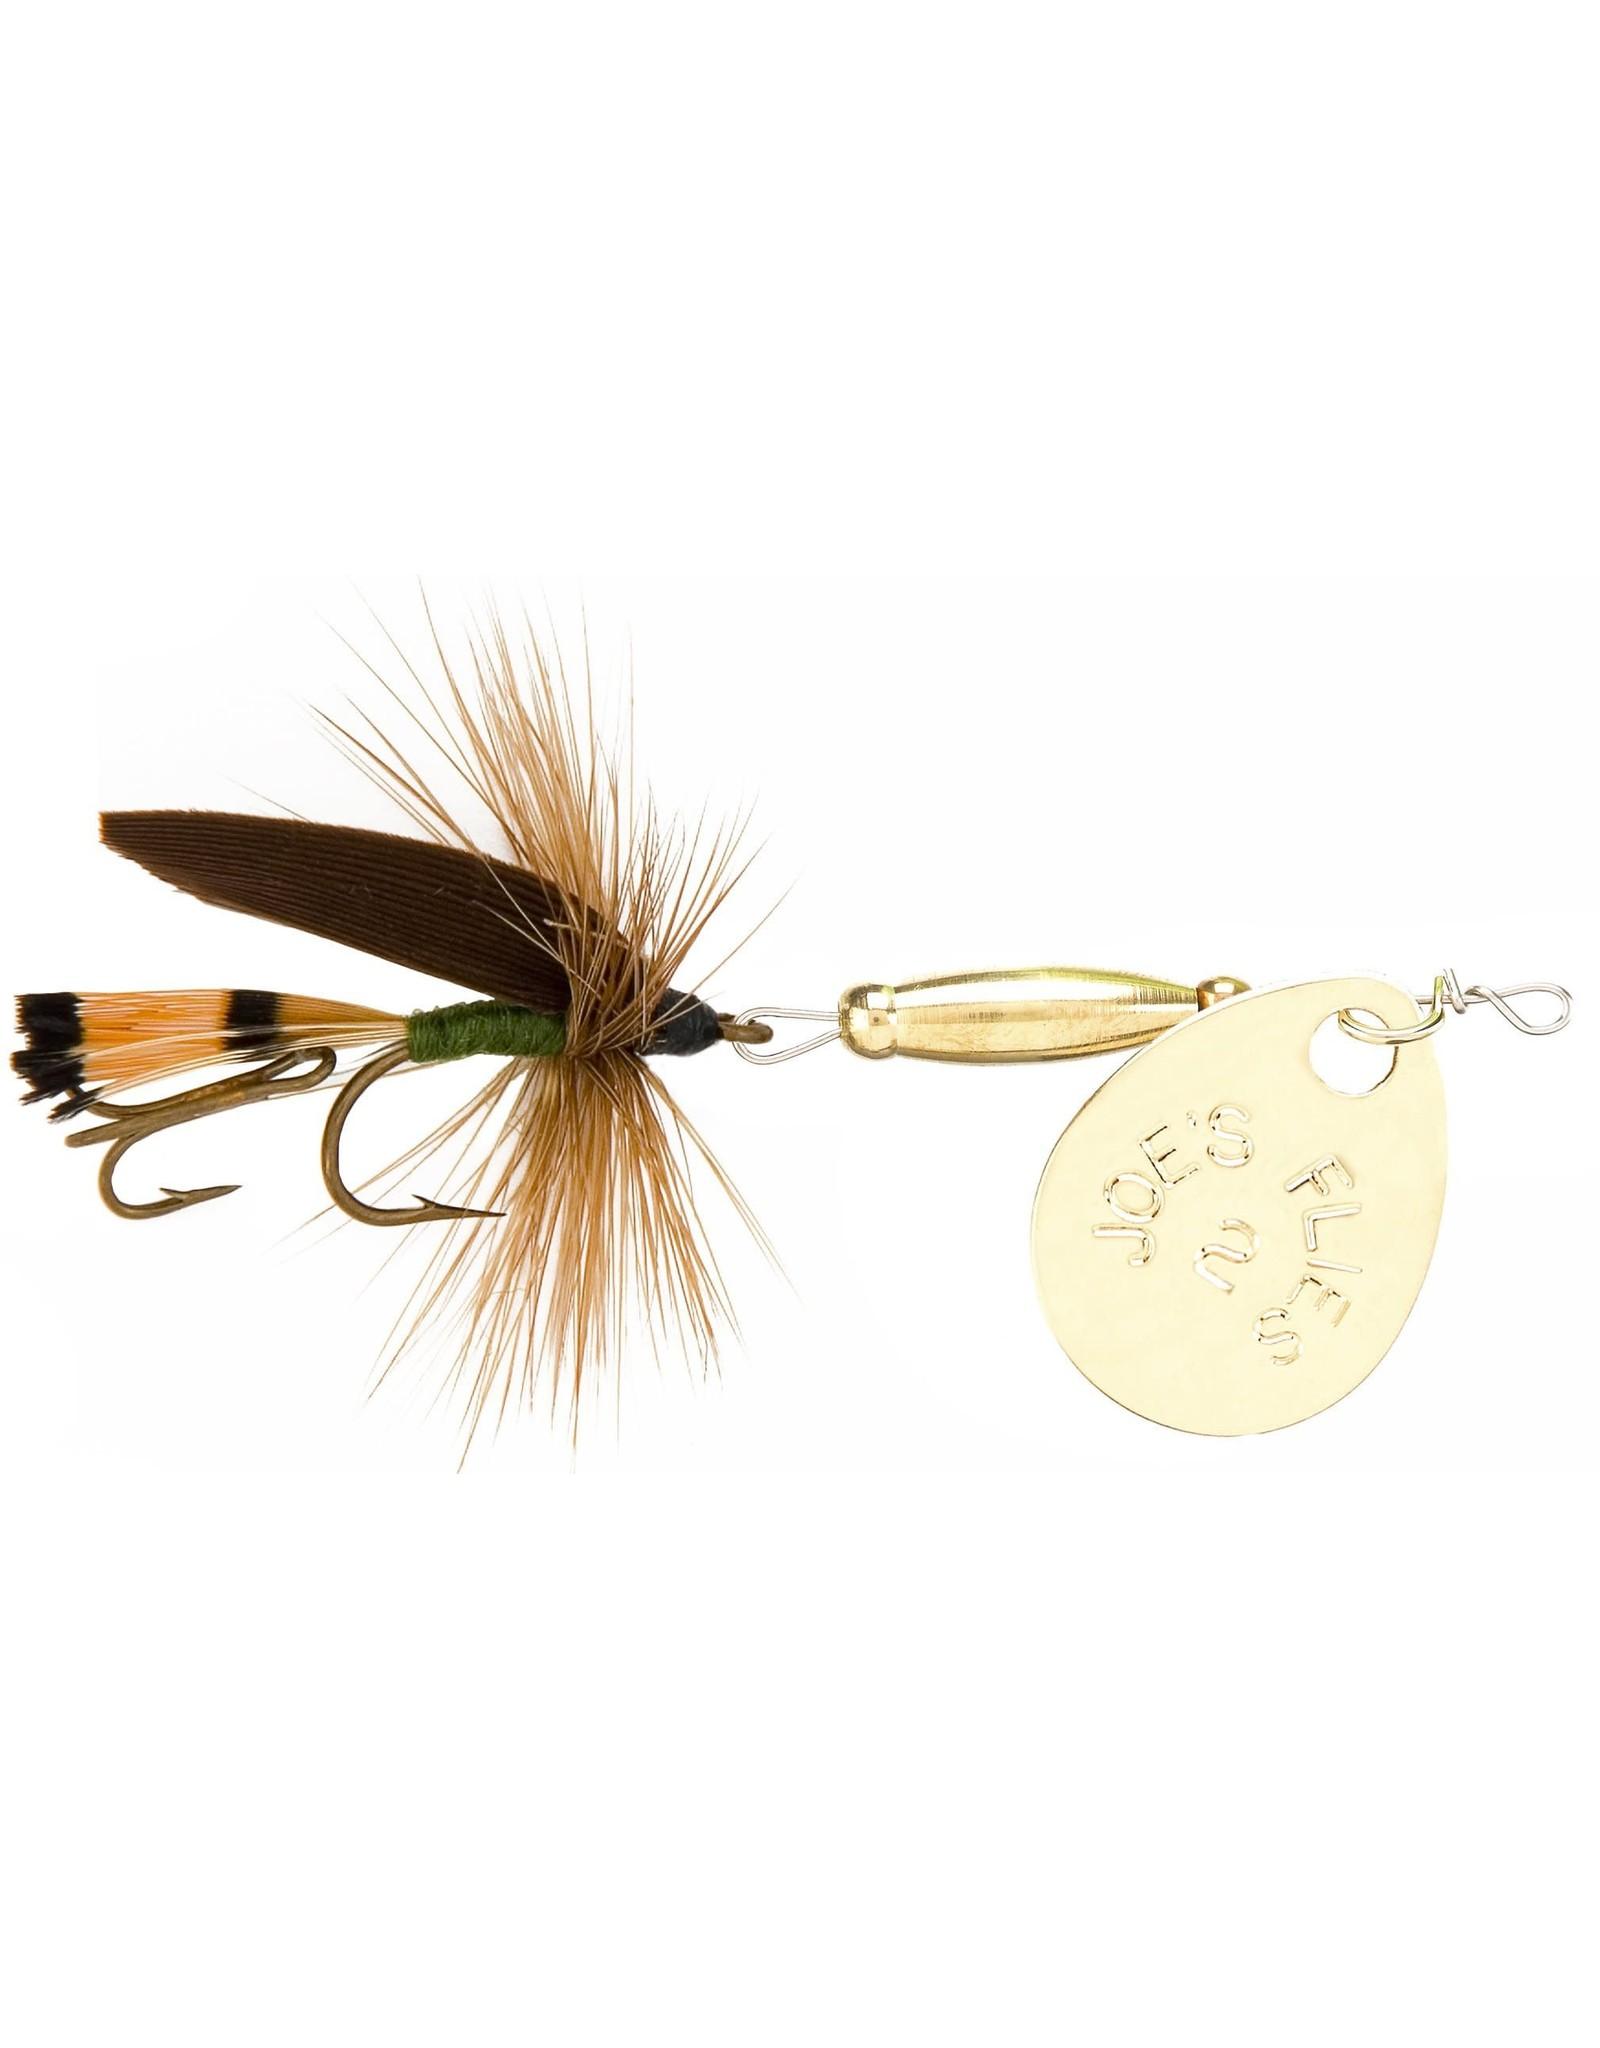 Joe's Flies Joe's Flies Super Striker 1/16 oz.